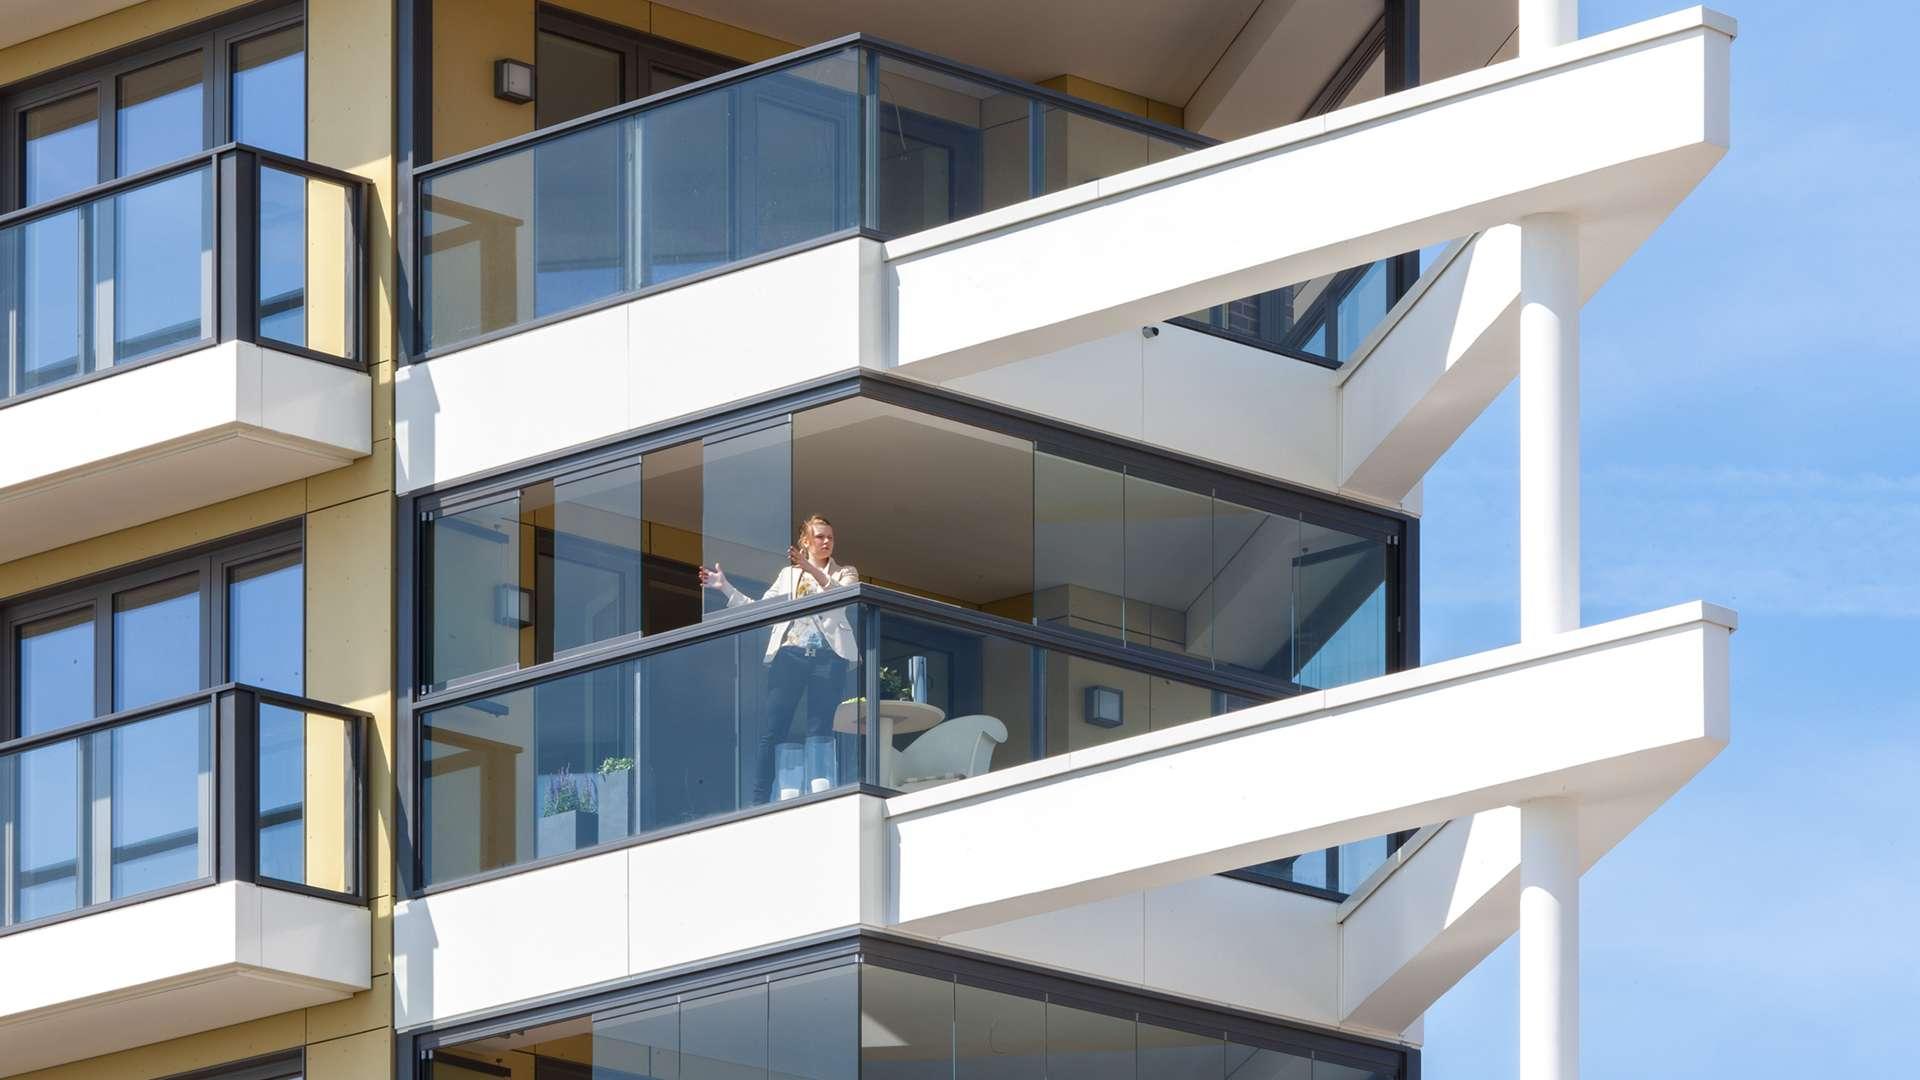 Mehrfamilienhaus mit einem verglasten Balkon, auf dem eine Frau steht